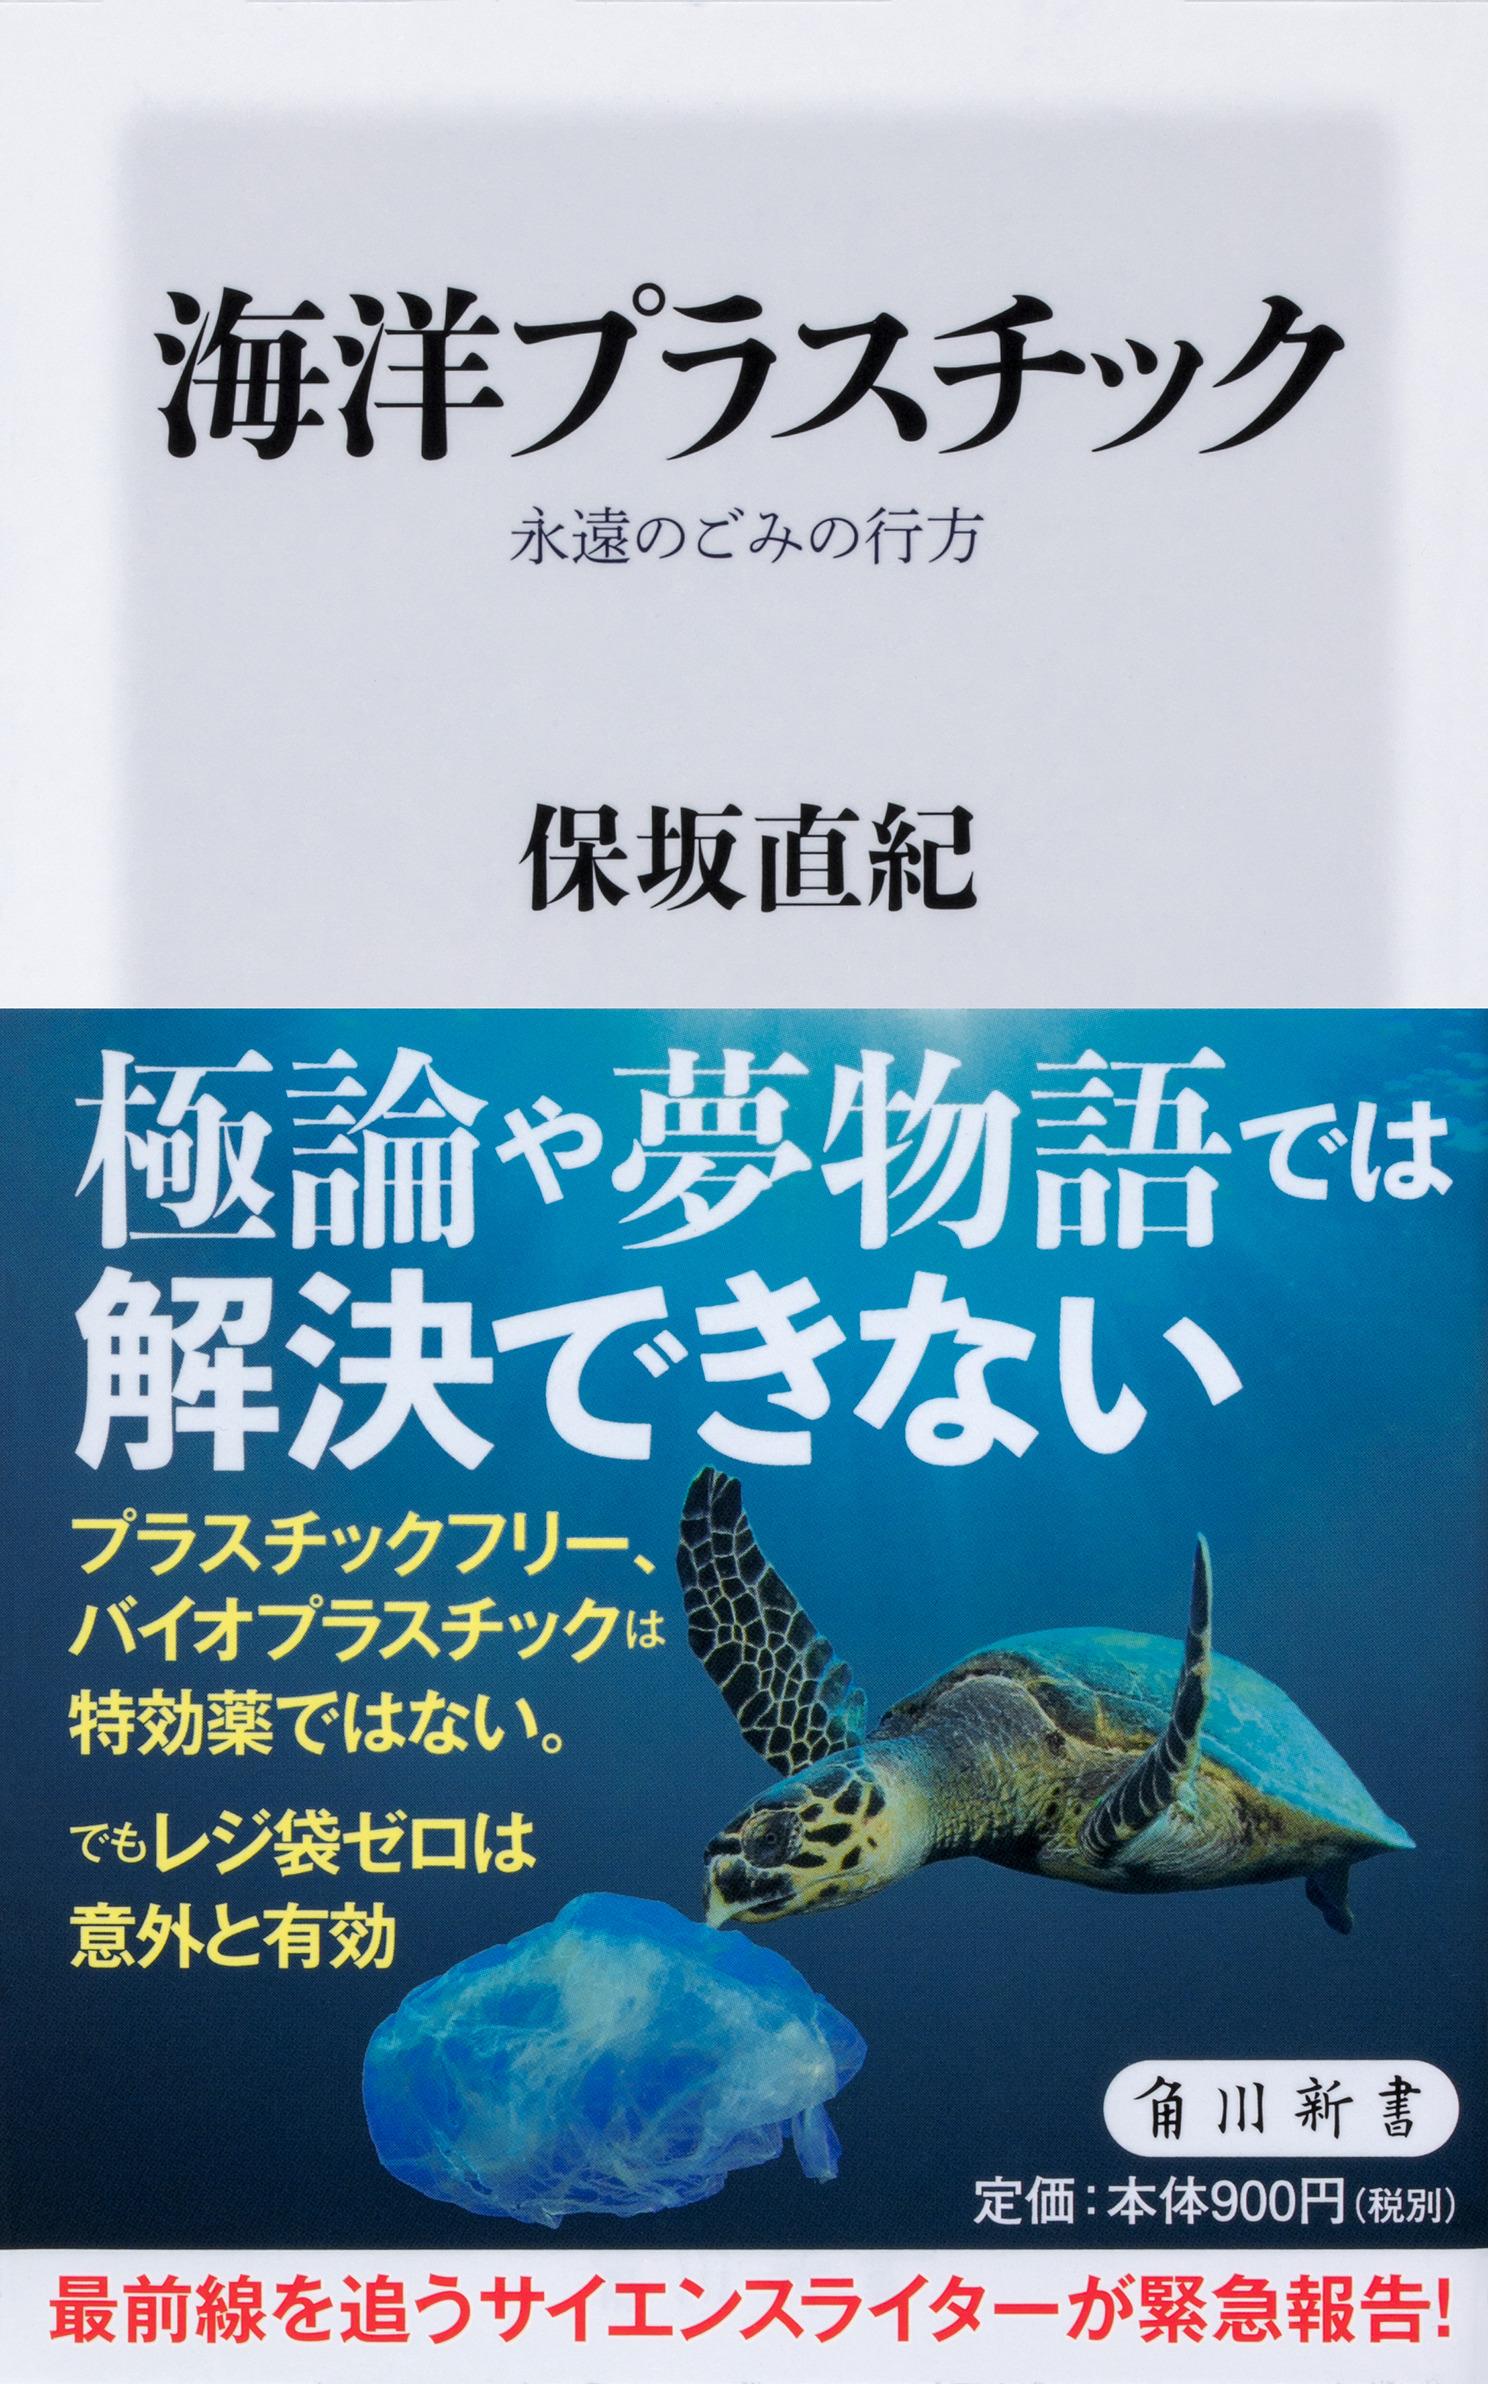 角川新書6月の新刊!  極論や夢物語では解決できない『海洋プラスチック 永遠のごみの行方』、池上彰「信頼」のシリーズ最新版『知らないと恥をかく世界の大問題11』など計4作品